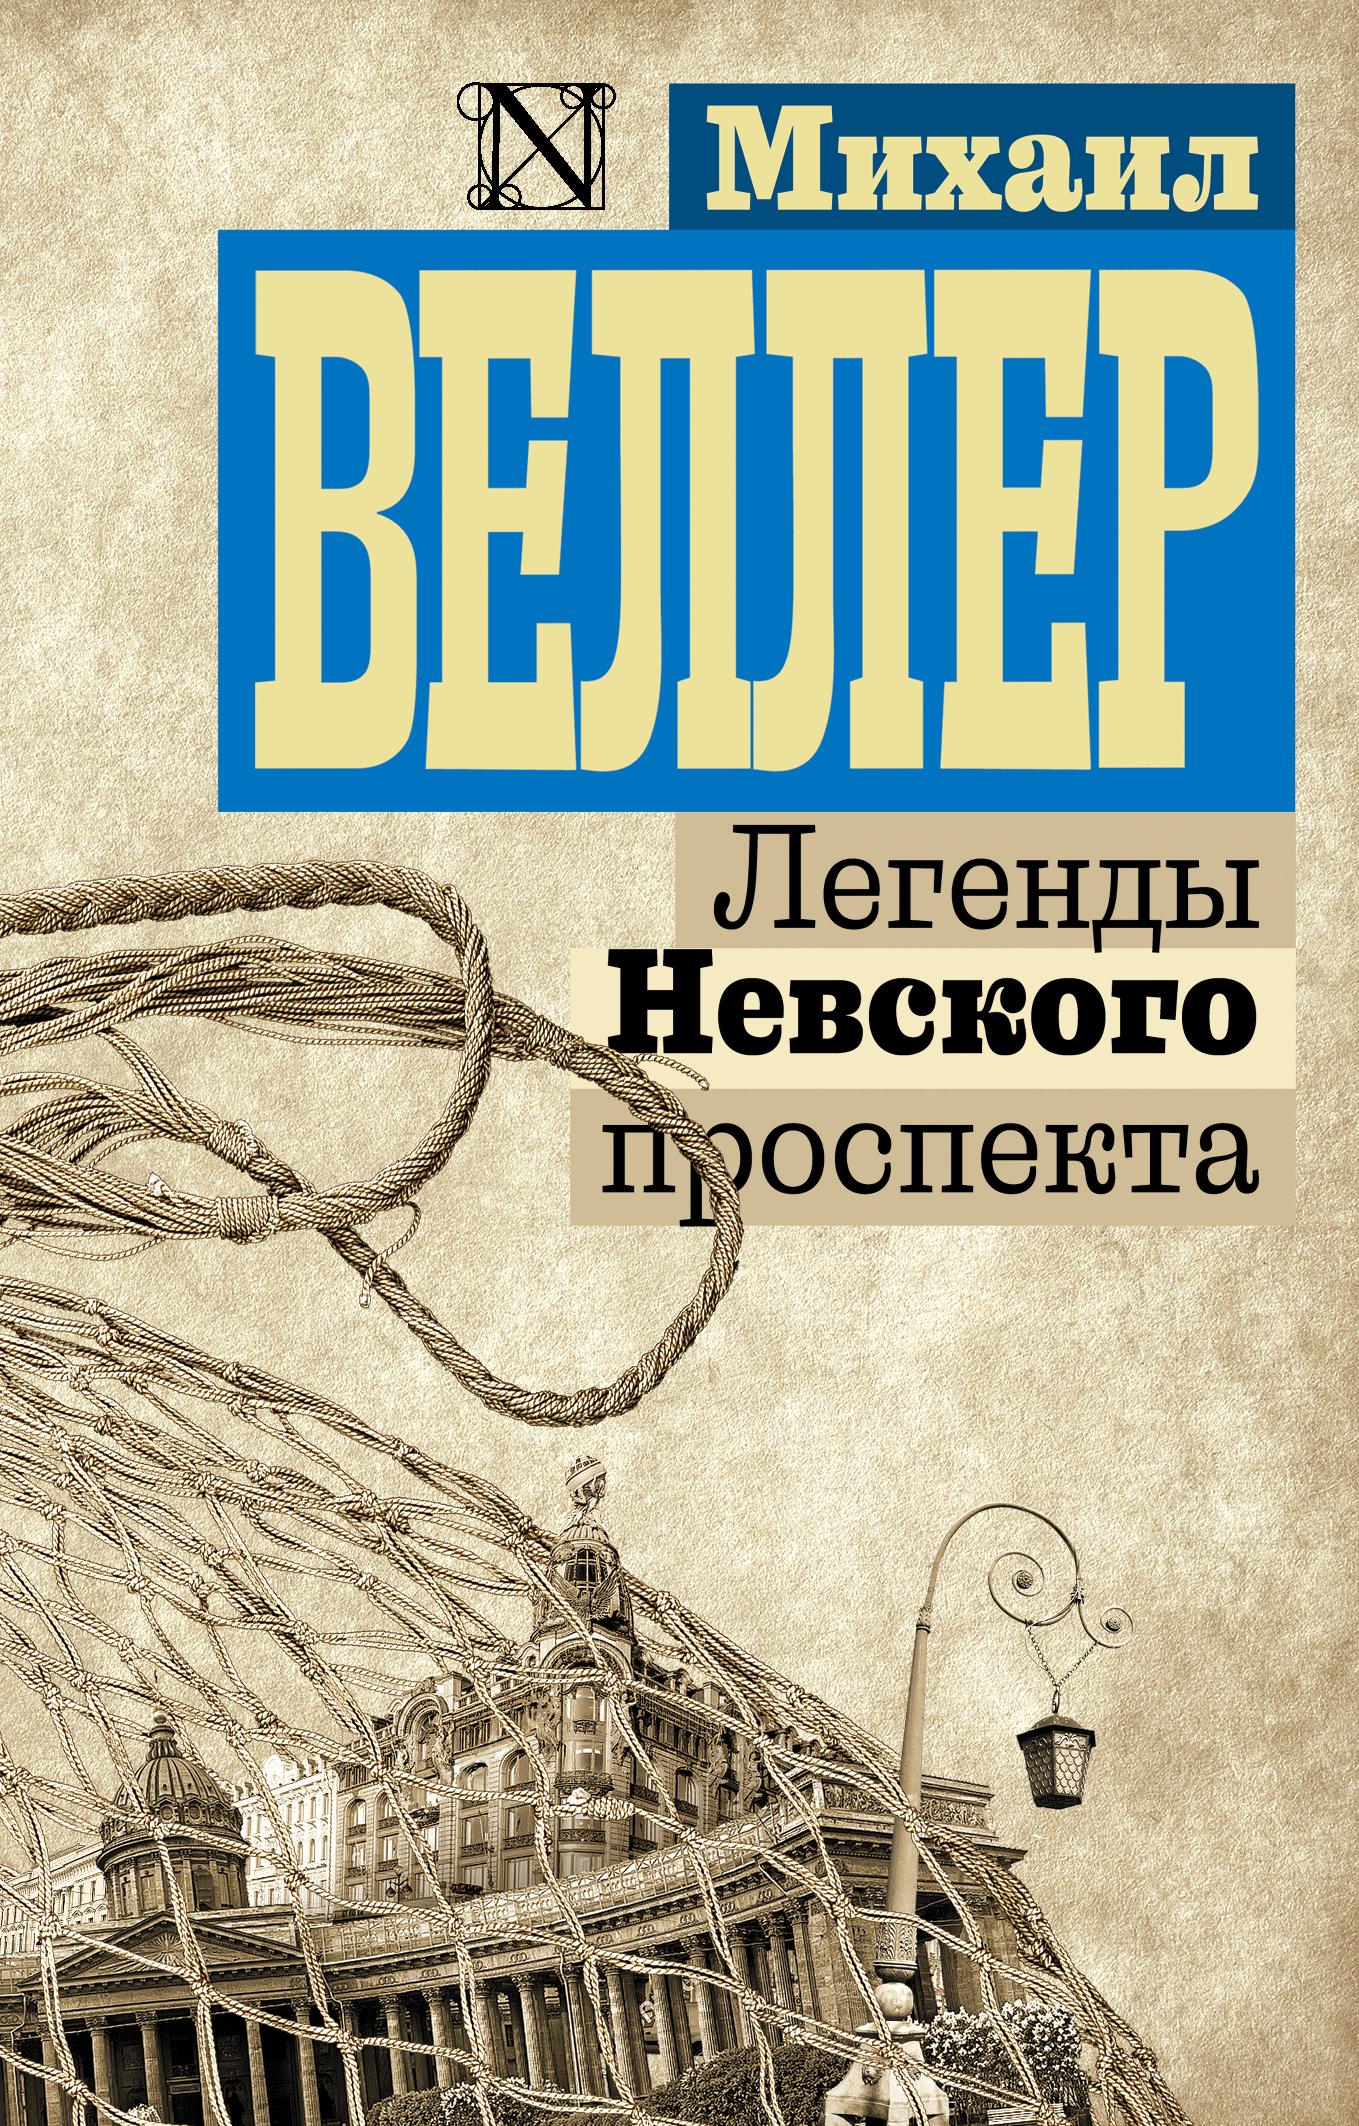 Веллер М.И. Легенды Невского проспекта